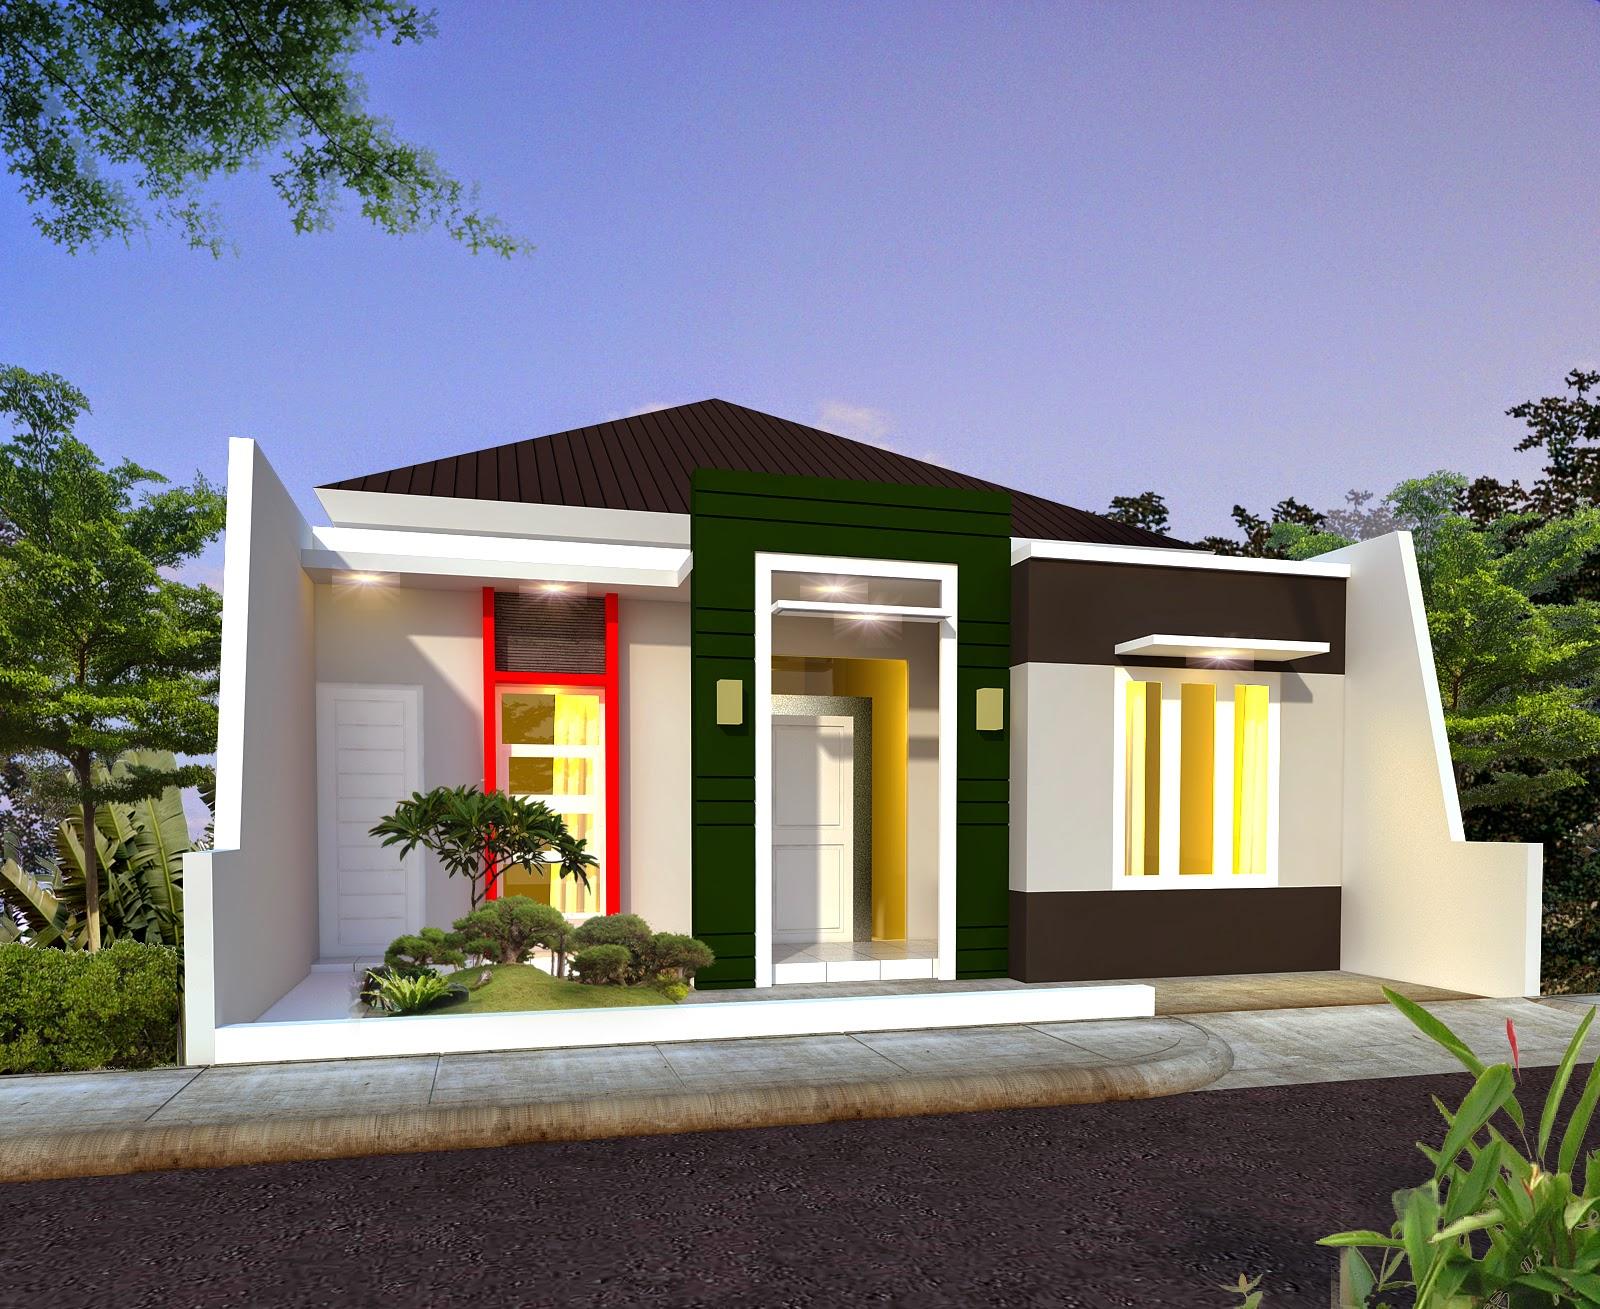 Desain Rumah Minimalis Sederhana Terbaik 1